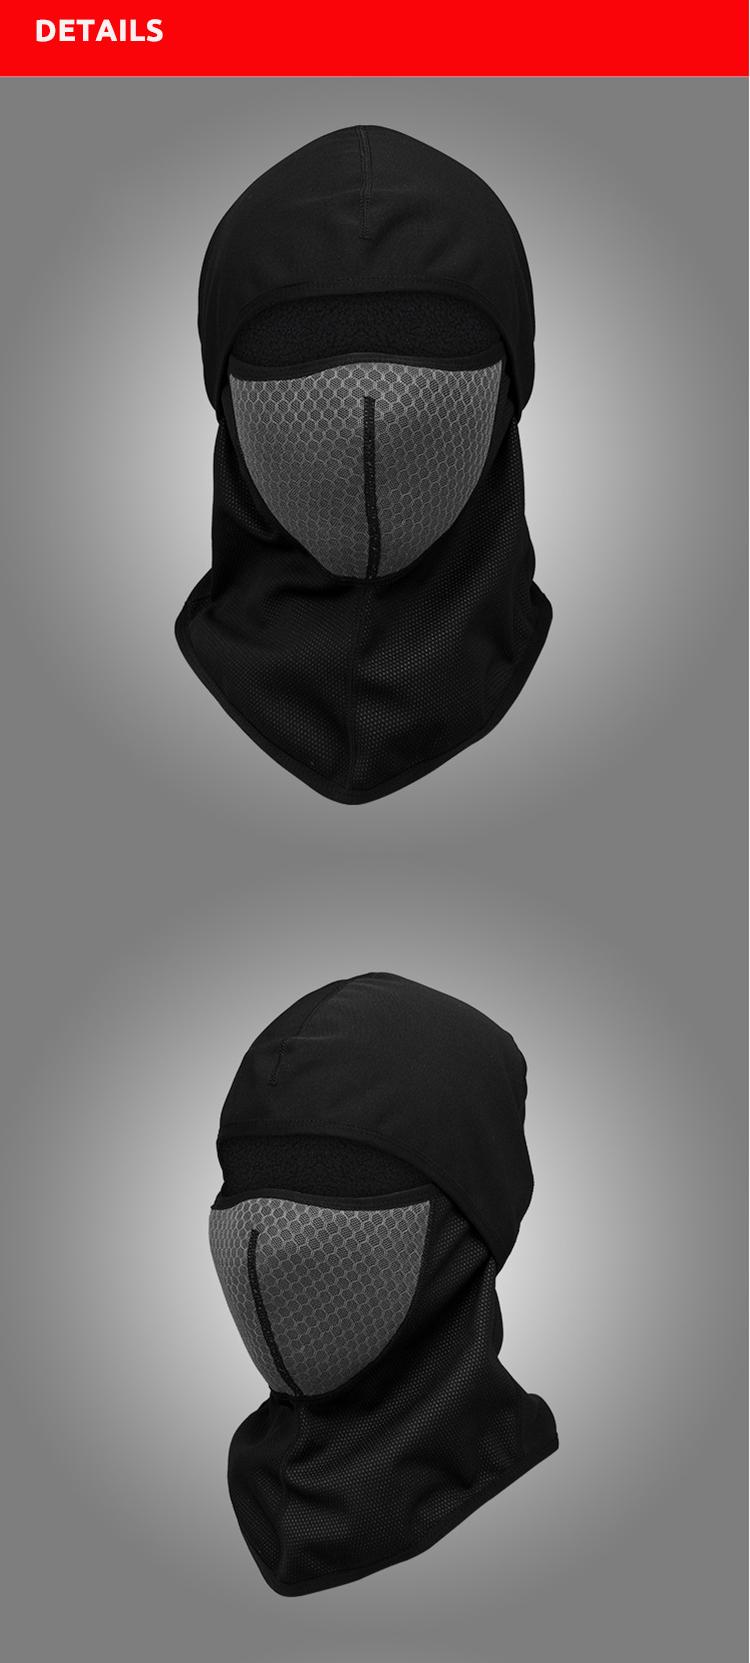 ski mask n95